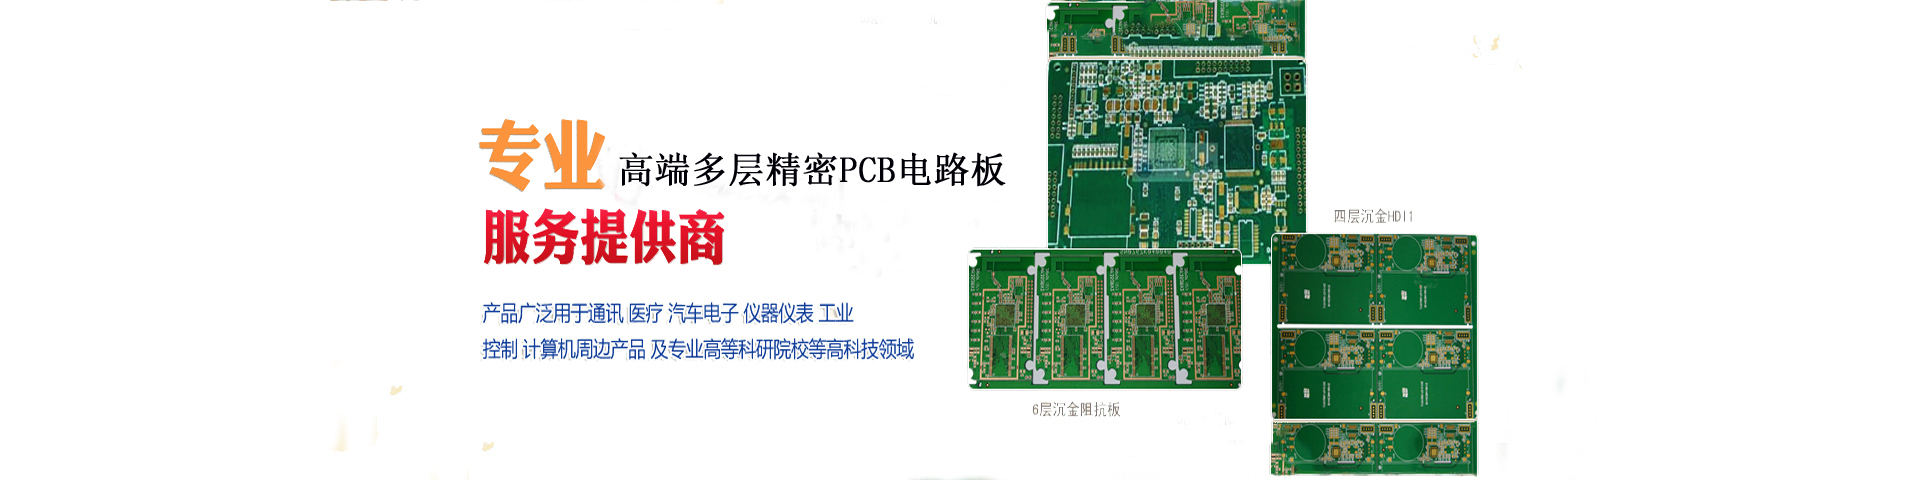 PCB硬板、高频板、柔性线路板、软硬结合板、HDI、制造加工能力